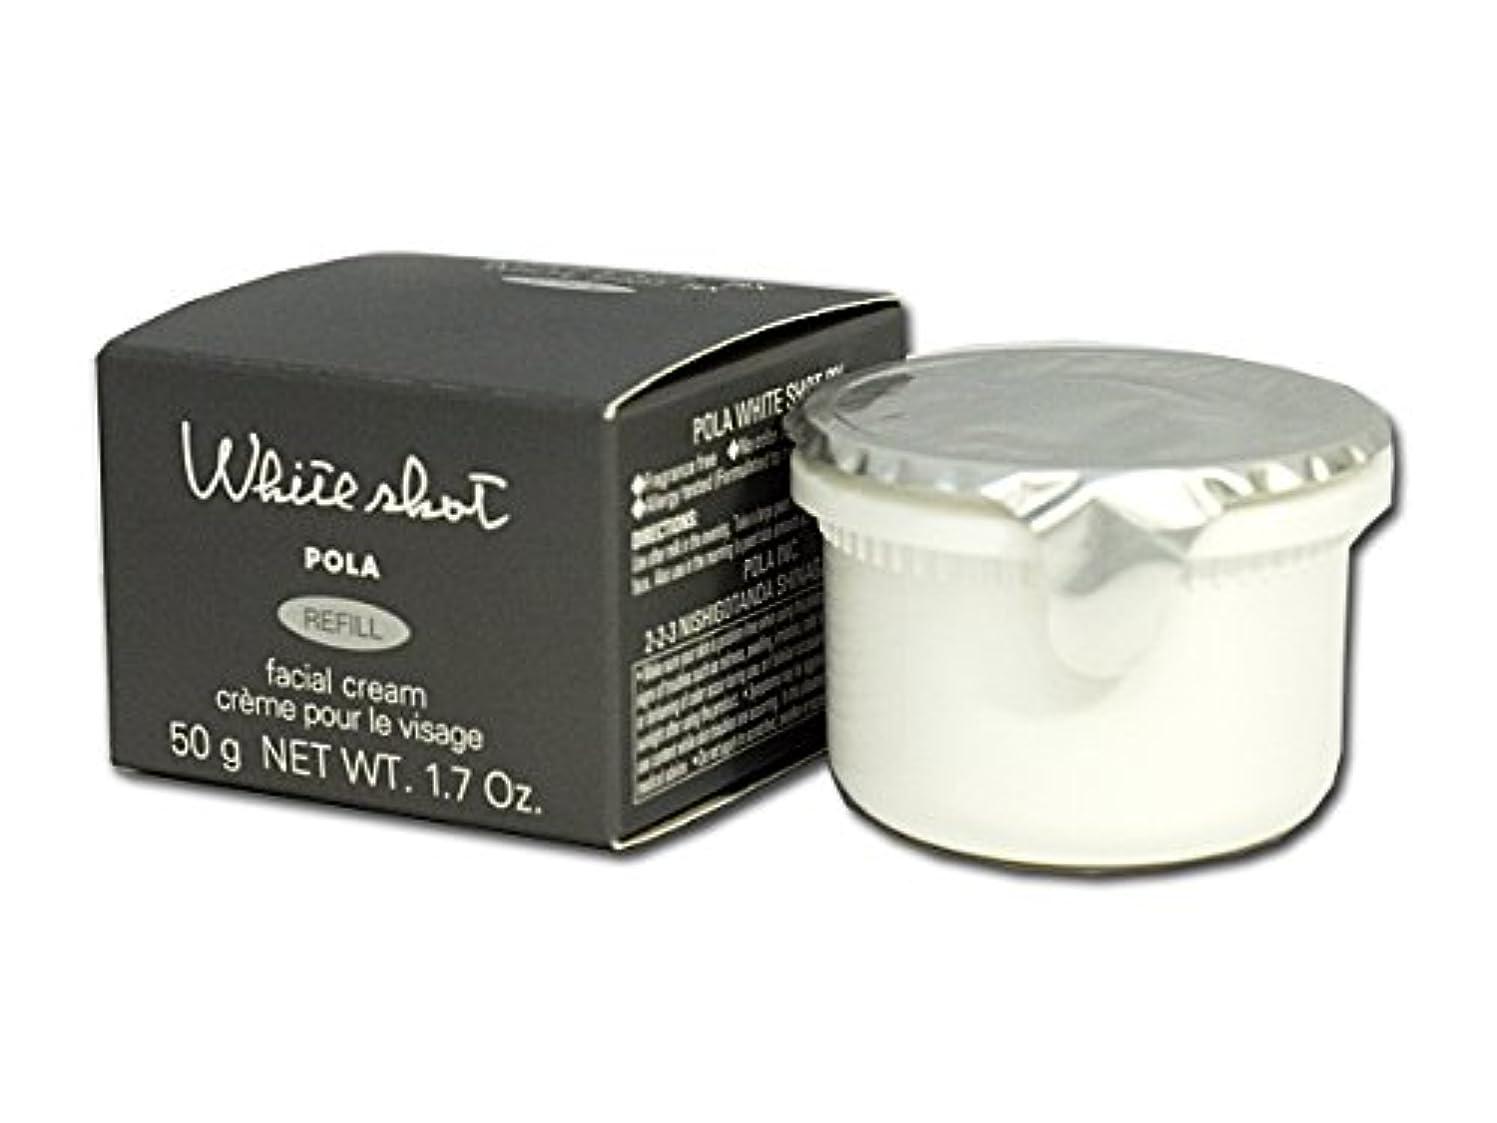 アブストラクトオーナー肉屋POLA / ポーラ ホワイトショット RX レフィル 50g